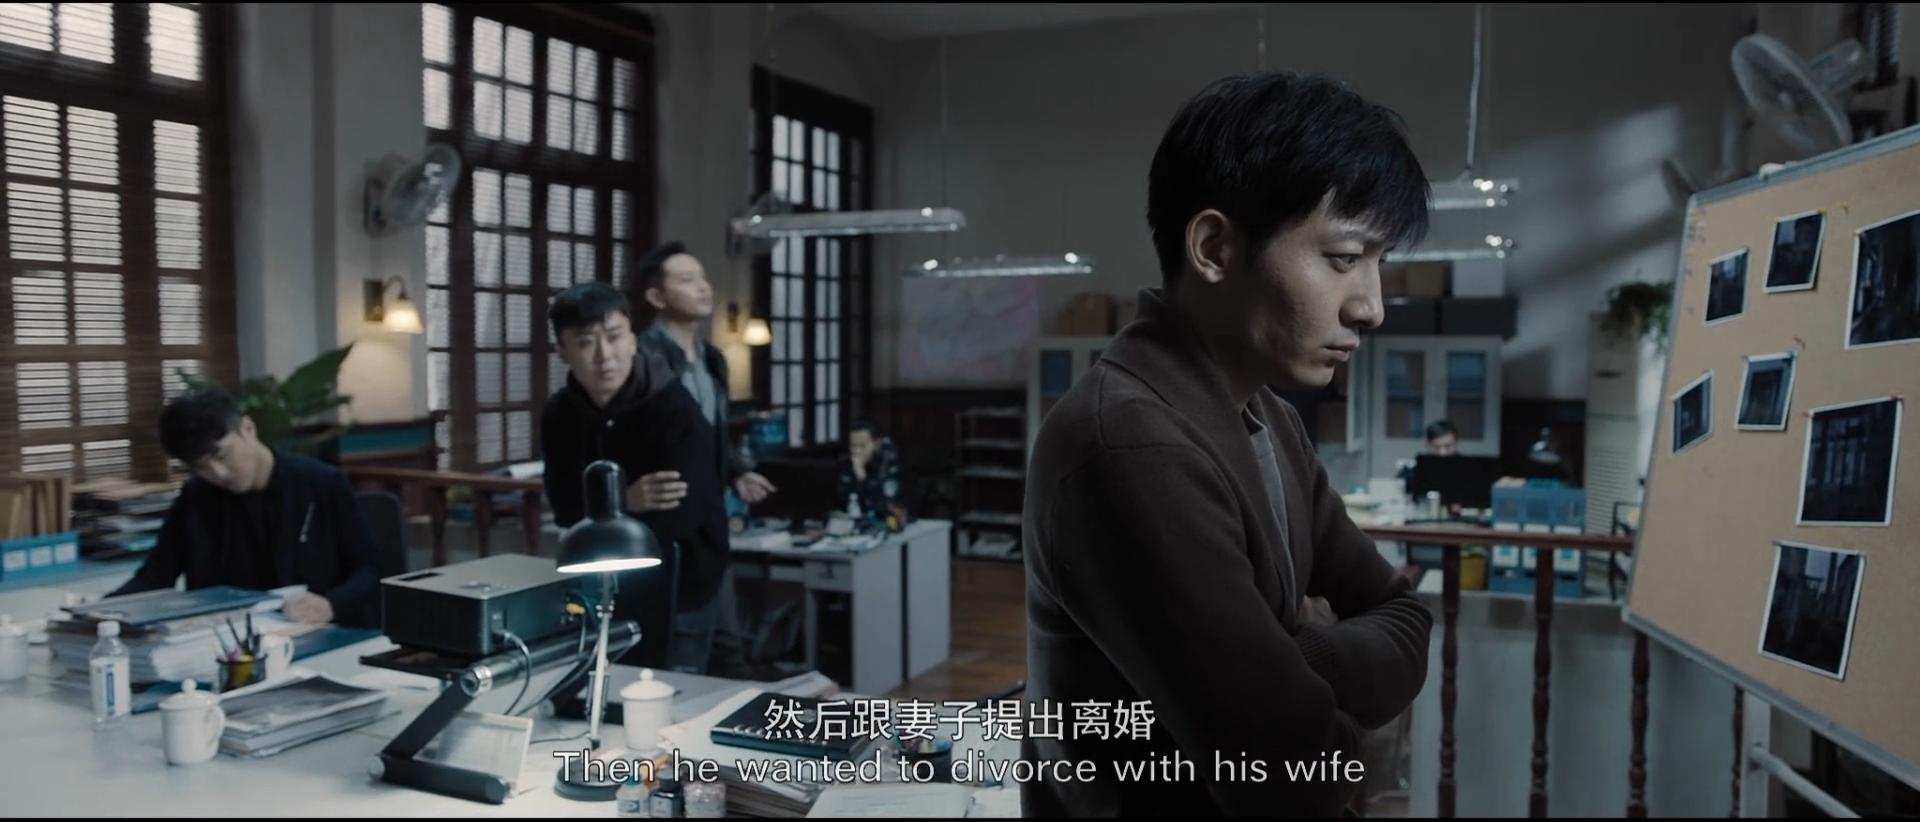 [法医秦明之致命小说][1080P版HD-MP4/727.54MB][国语中英双字][2019中国犯罪悬疑]插图(1)